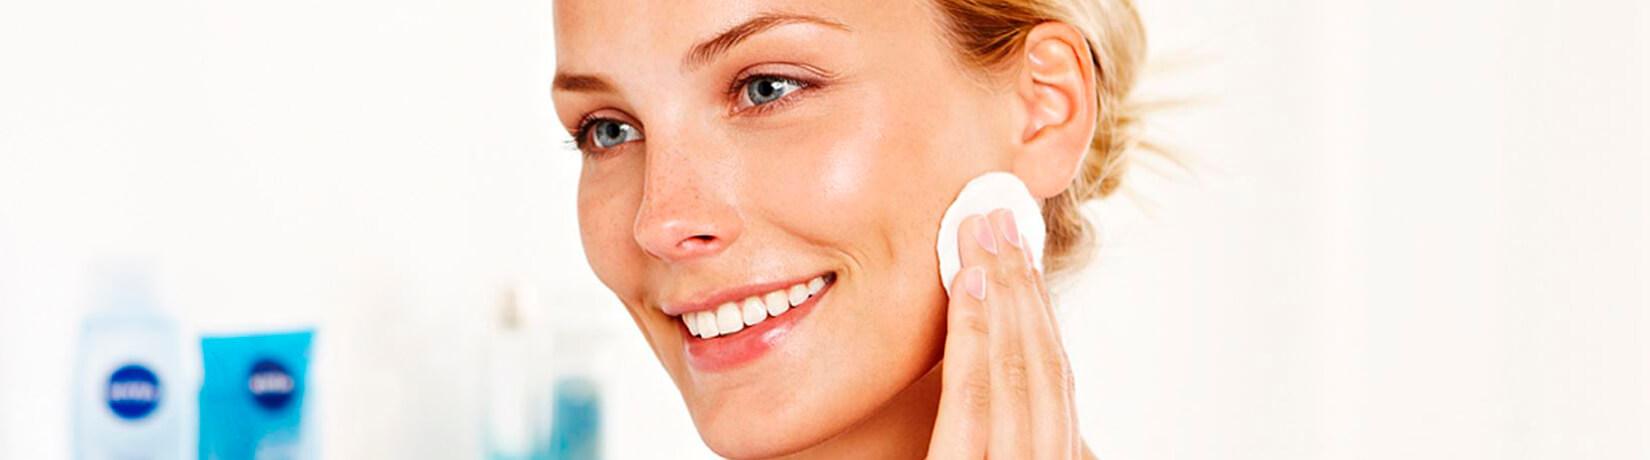 Преимущества геля для умывания перед мылом